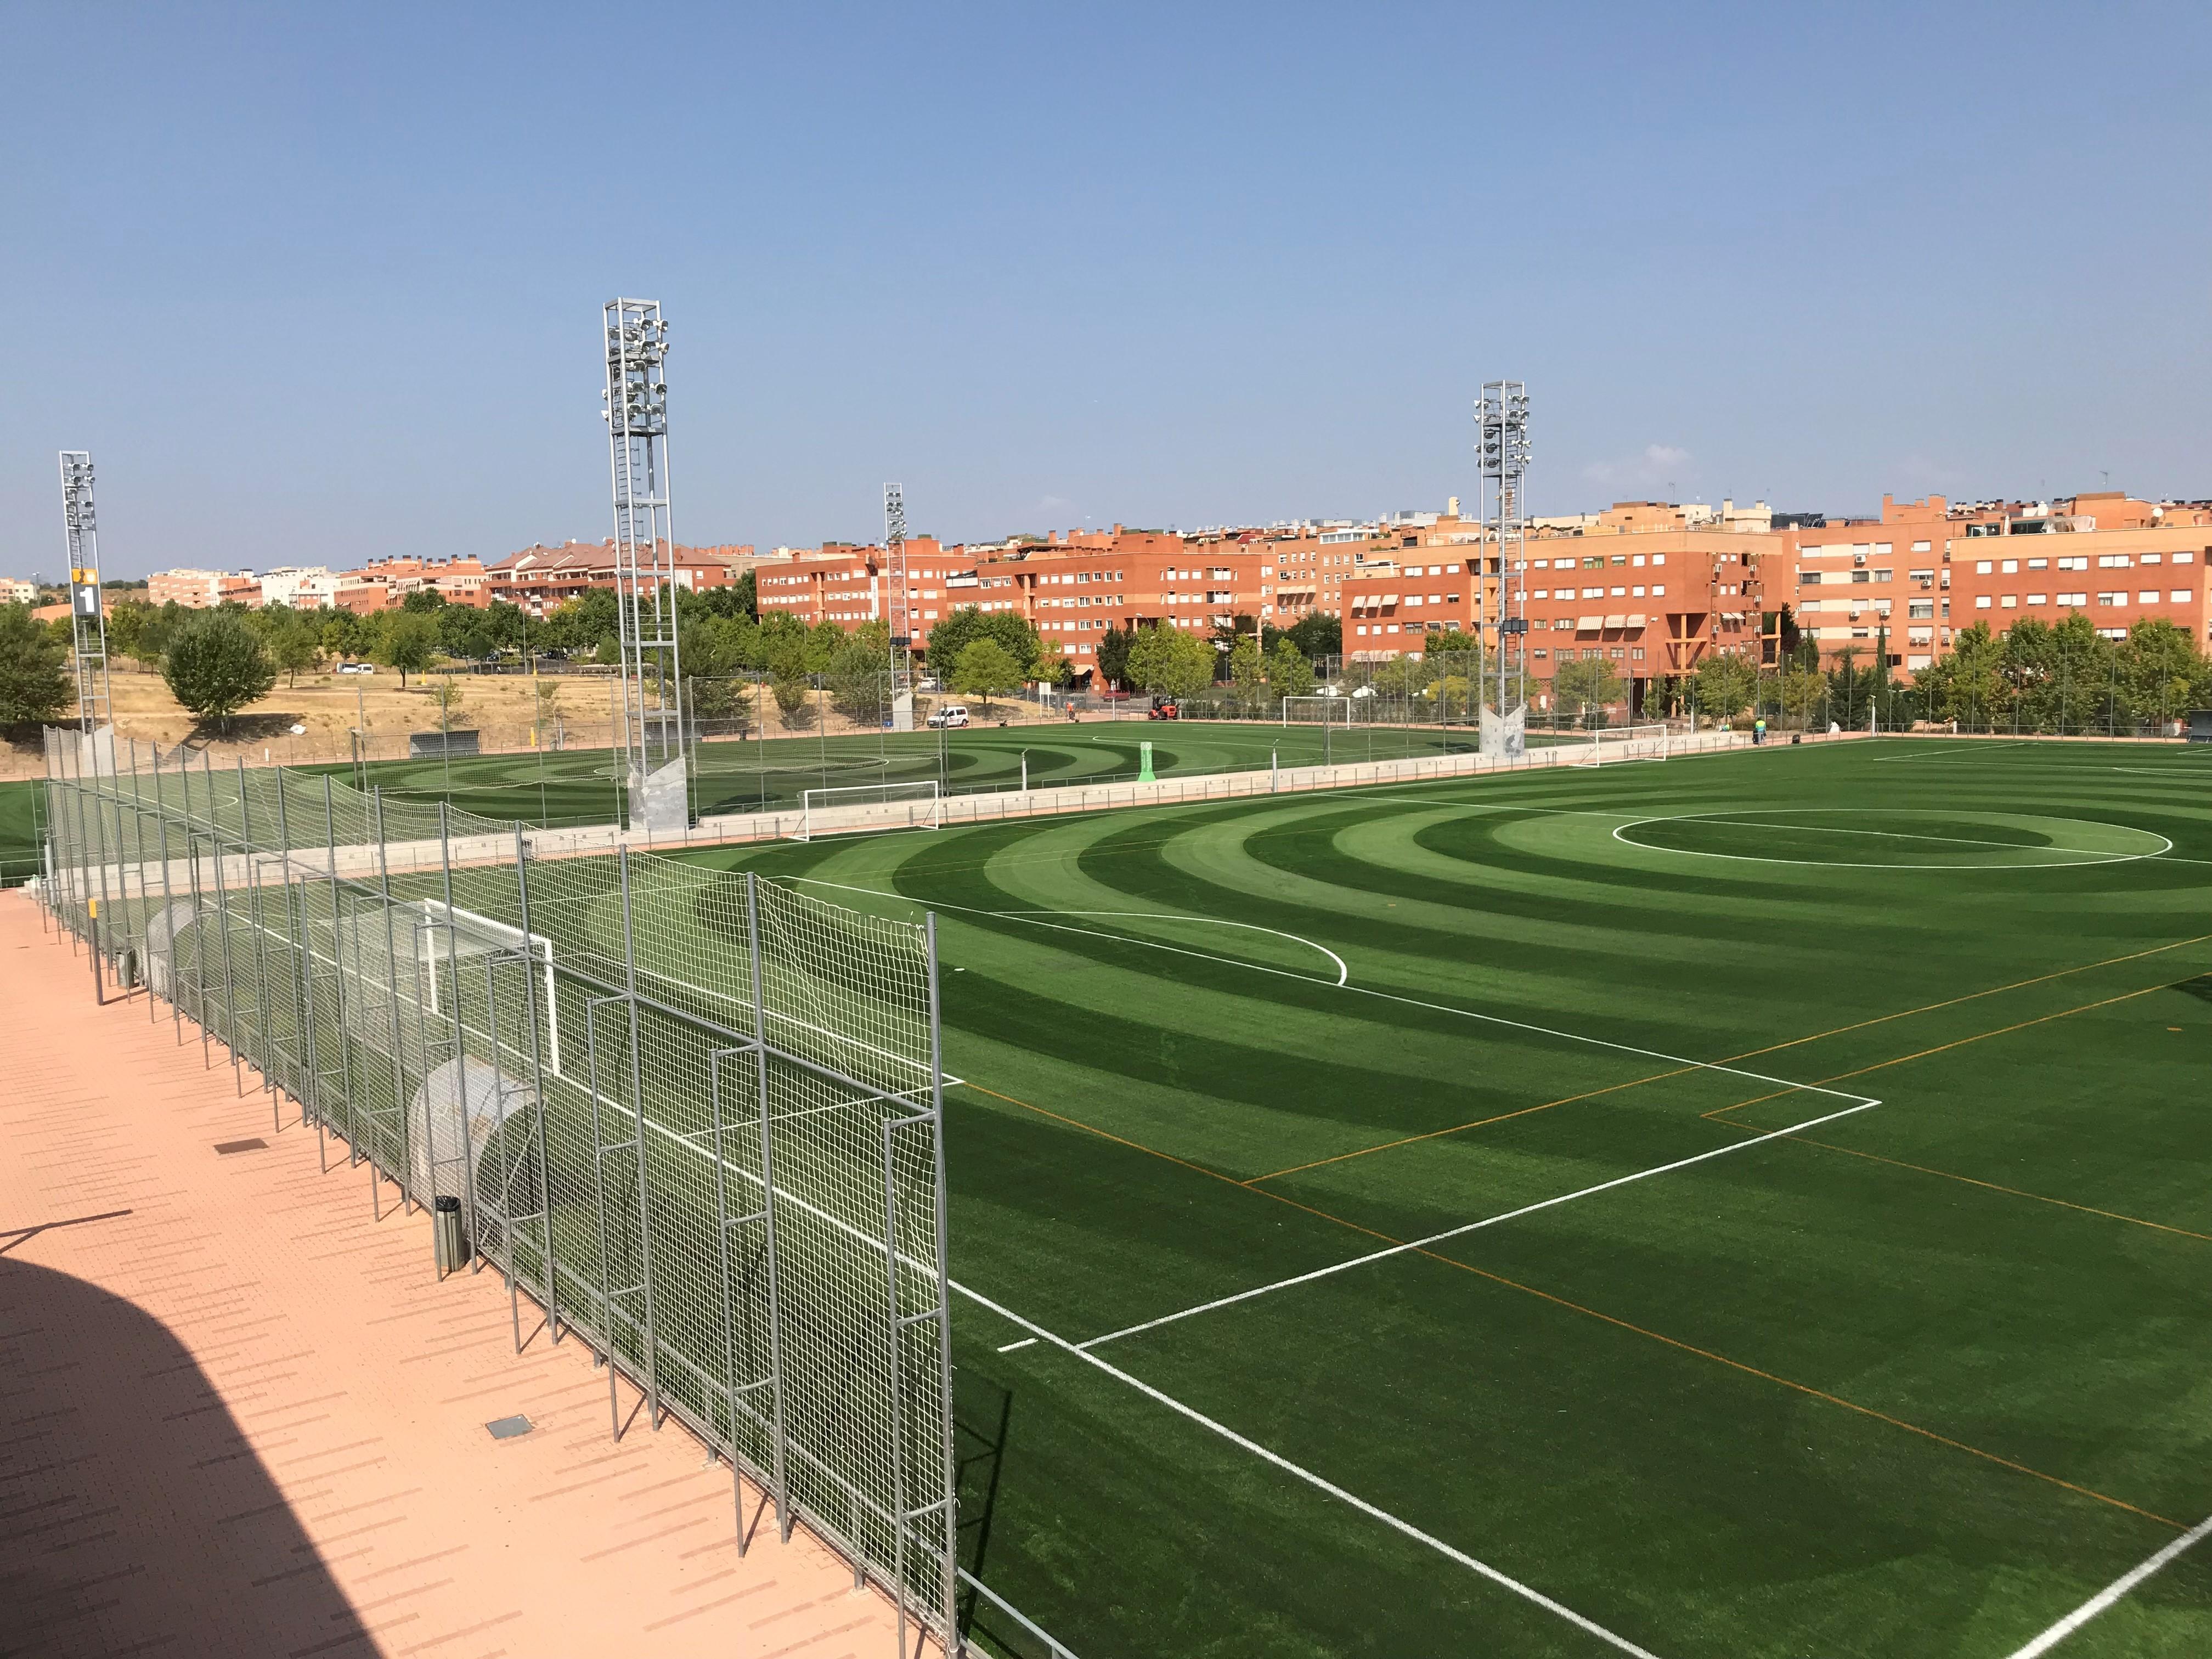 Campo de Fútbol Valdelasfuentes